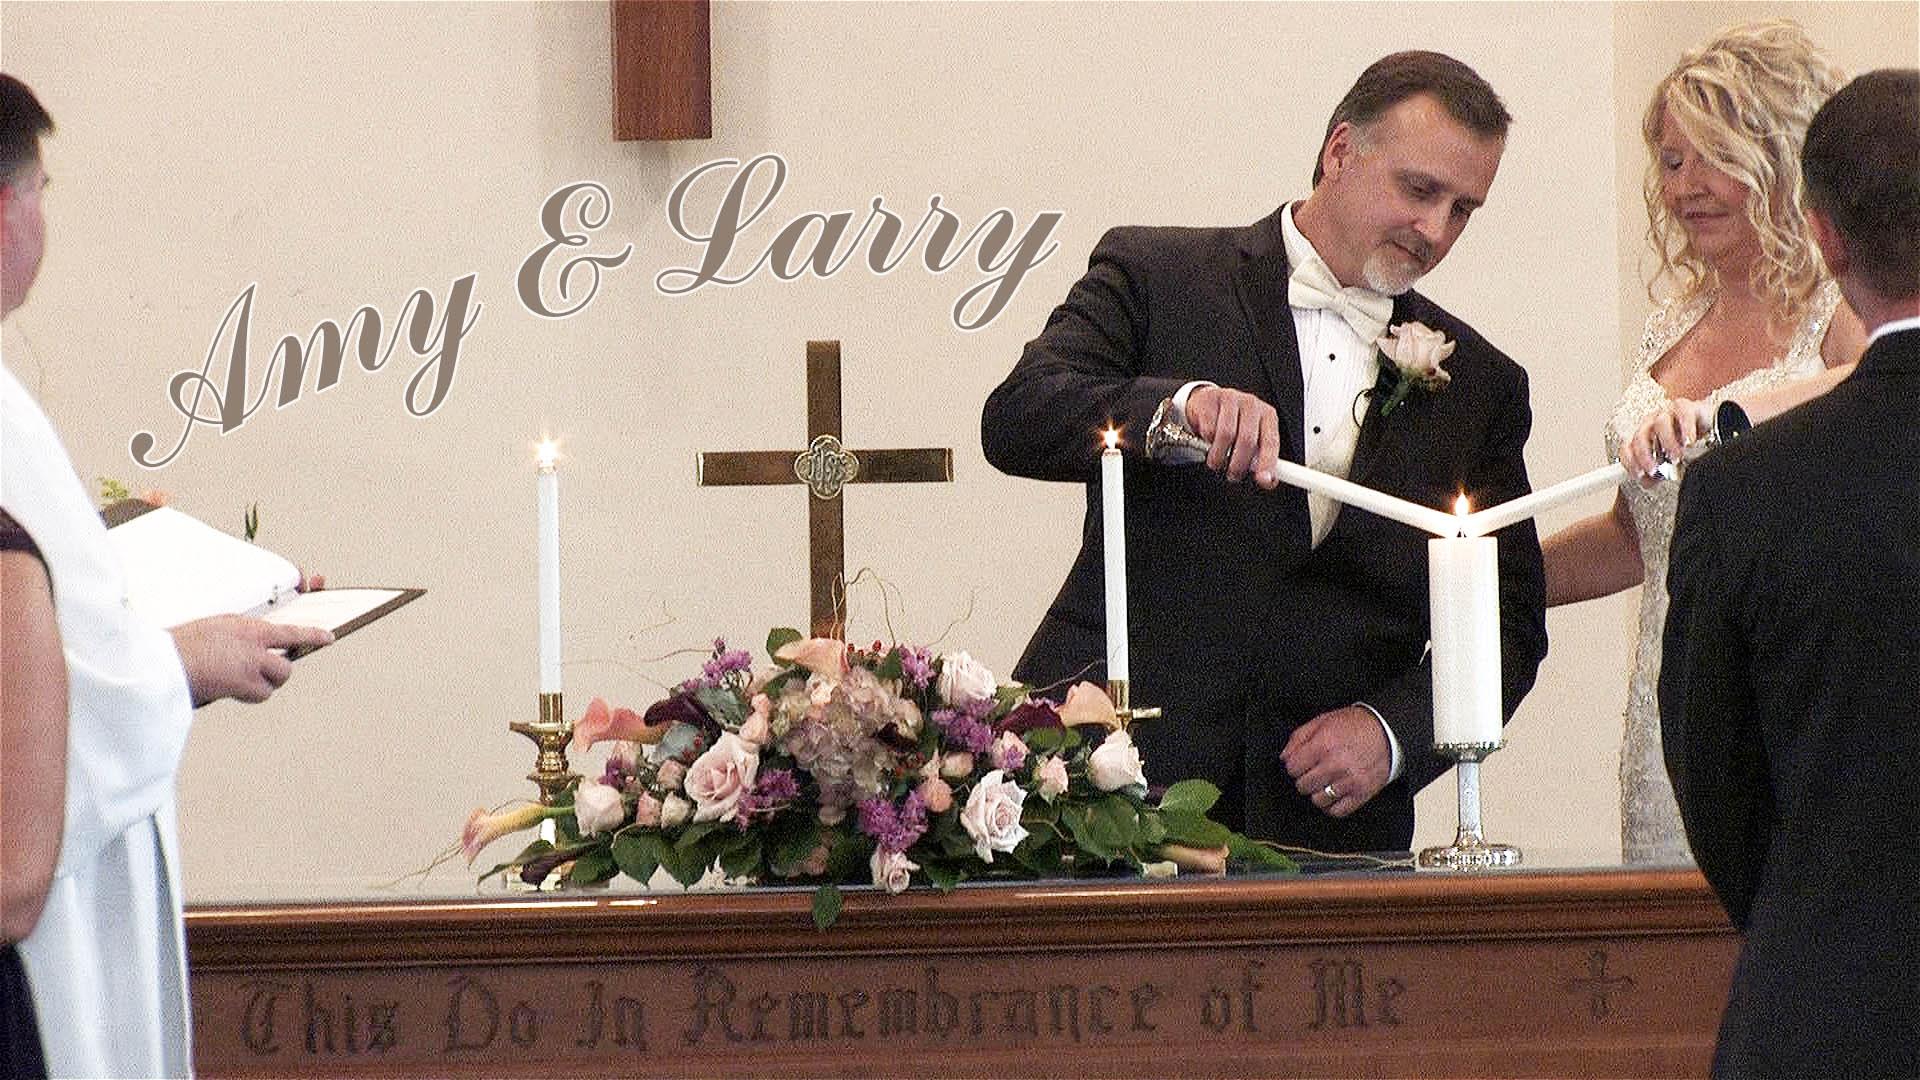 Amy & Larry – Geneva NY Wedding Video